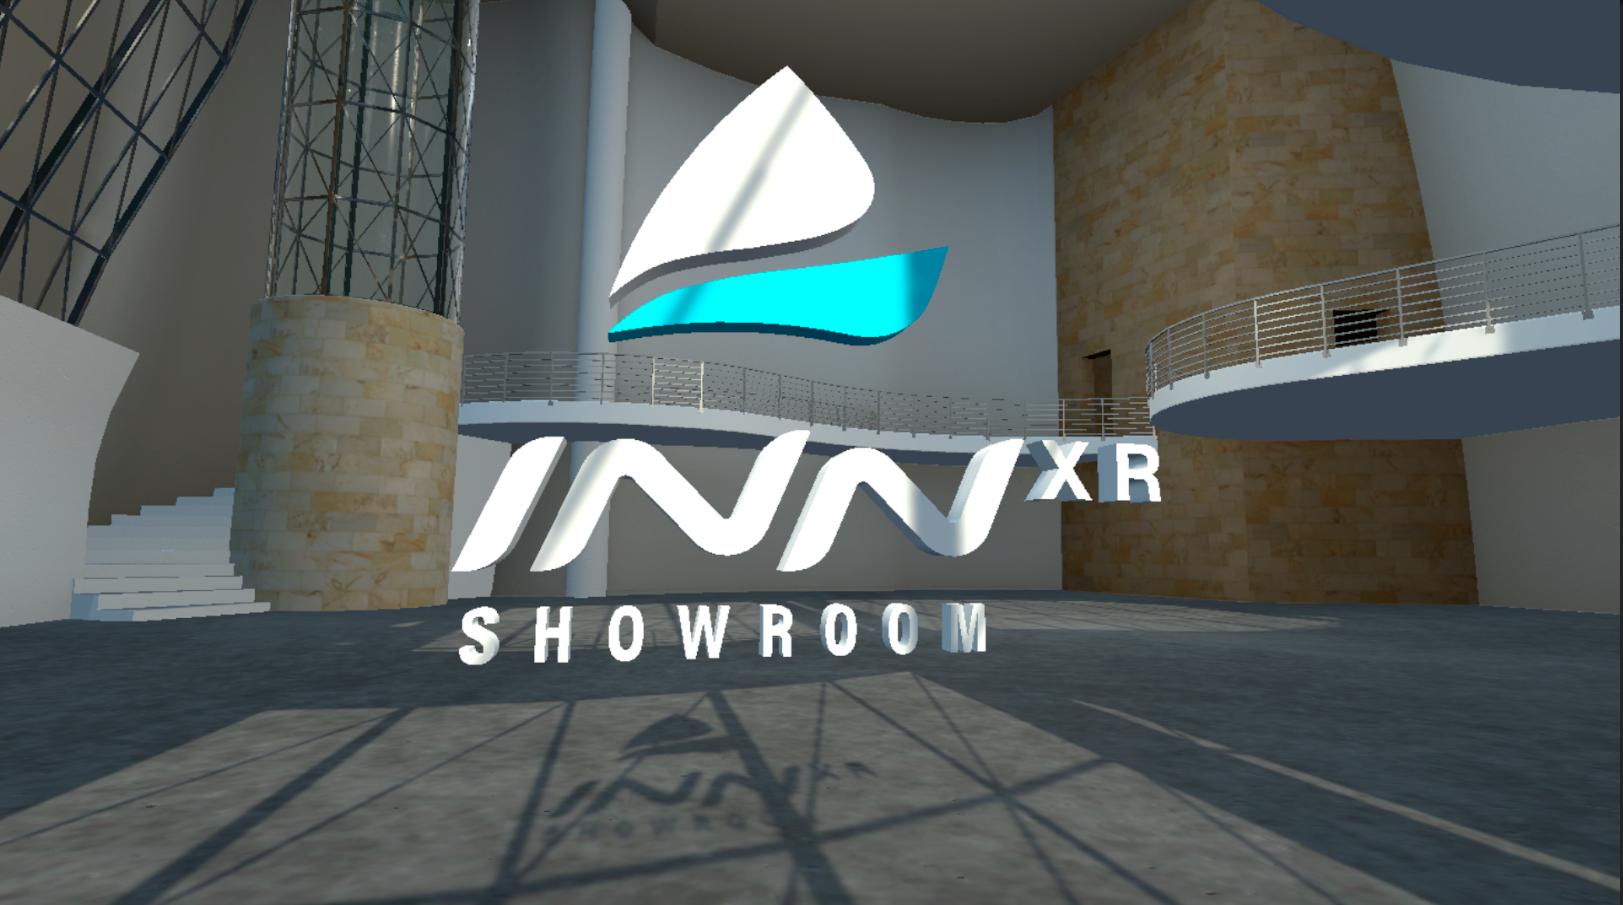 InnXR showroom